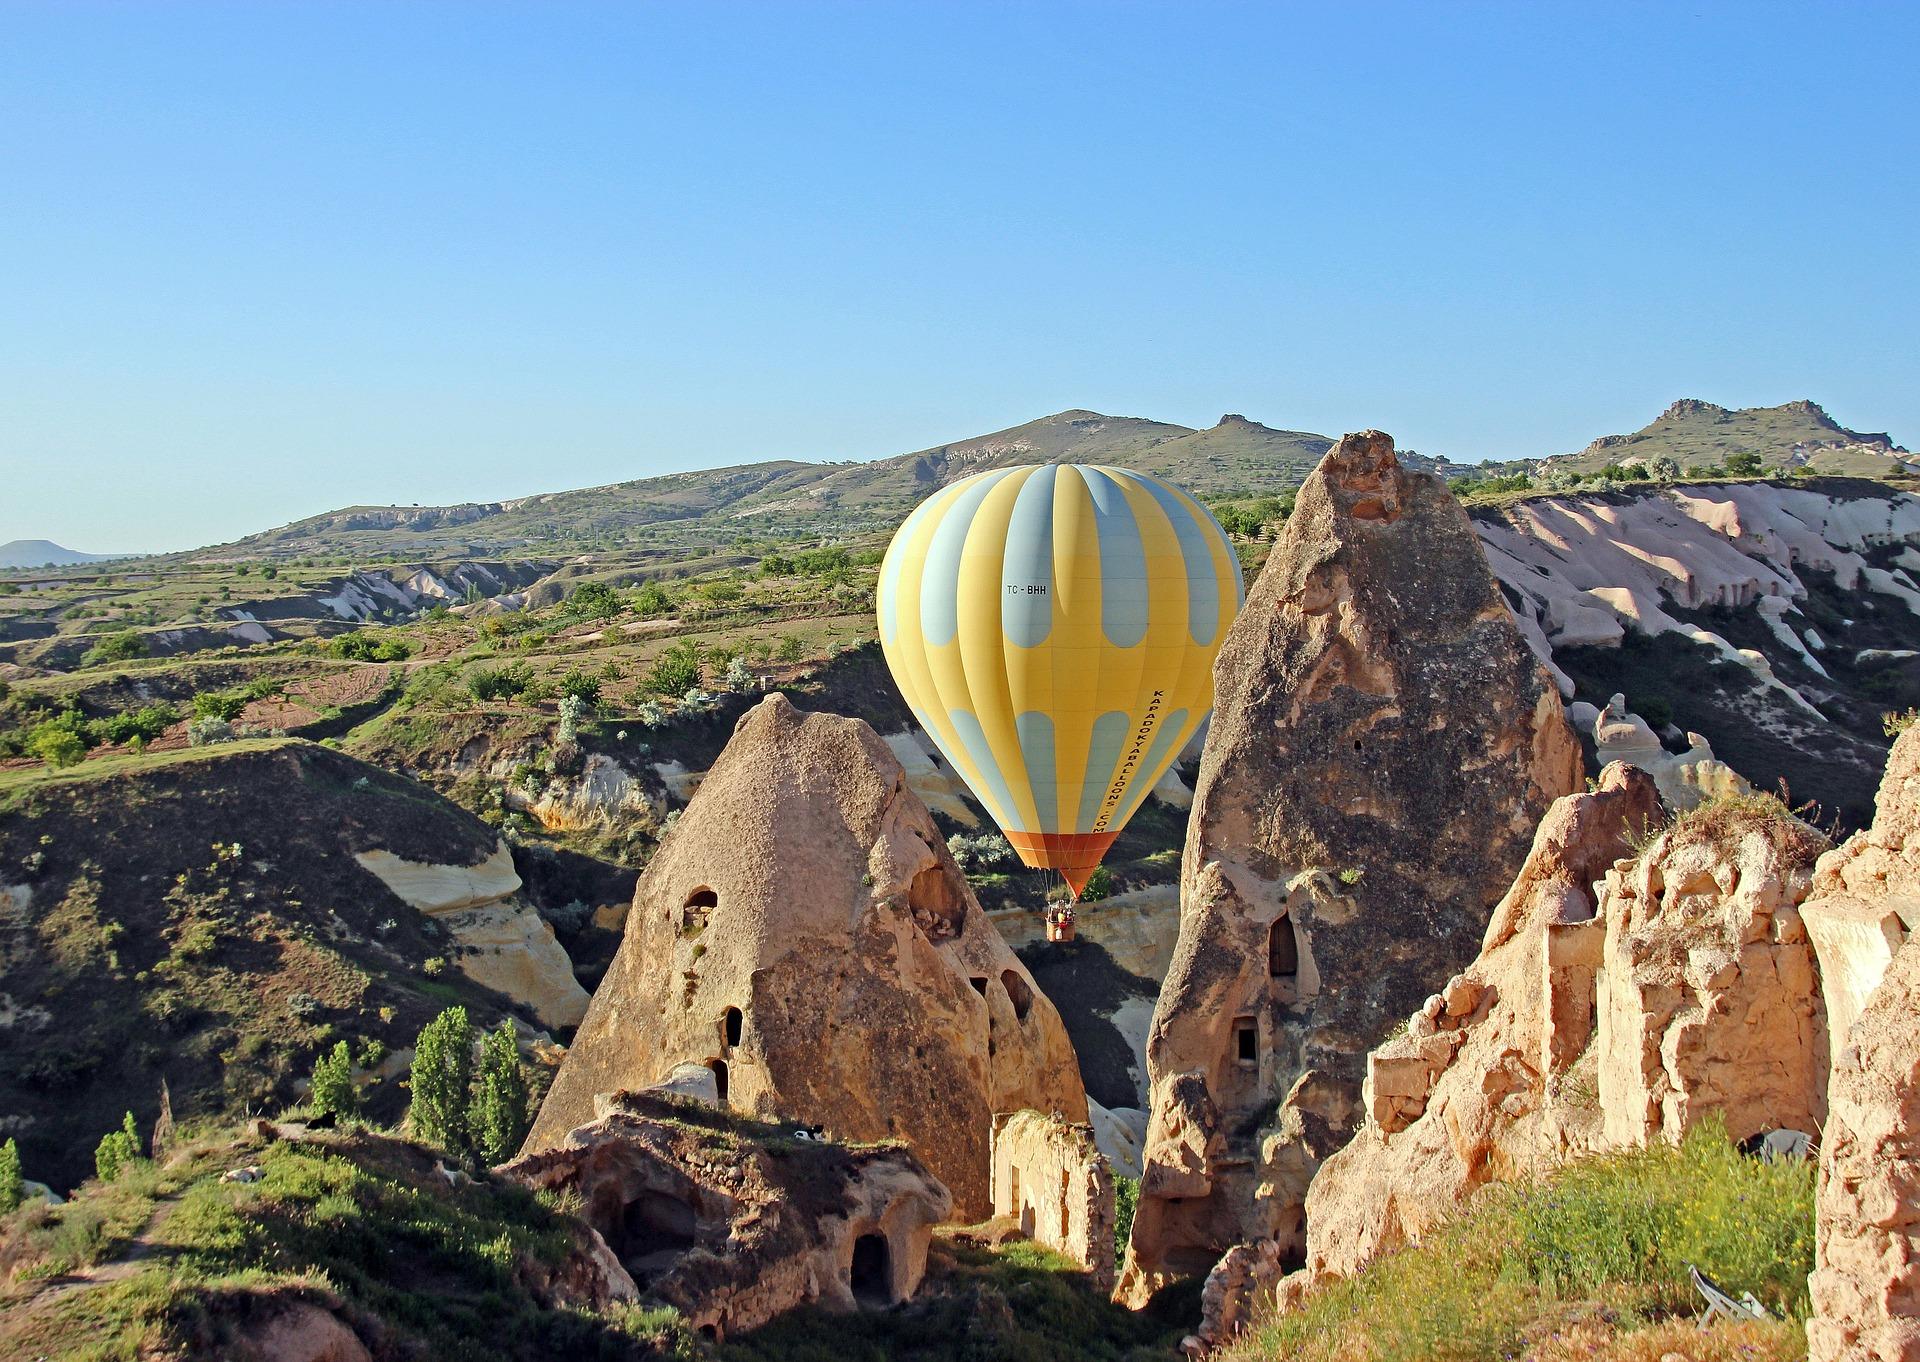 Ballonfahrten in Kappadokien sind sehr beliebt es wird Sie umhauen der Blick von oben